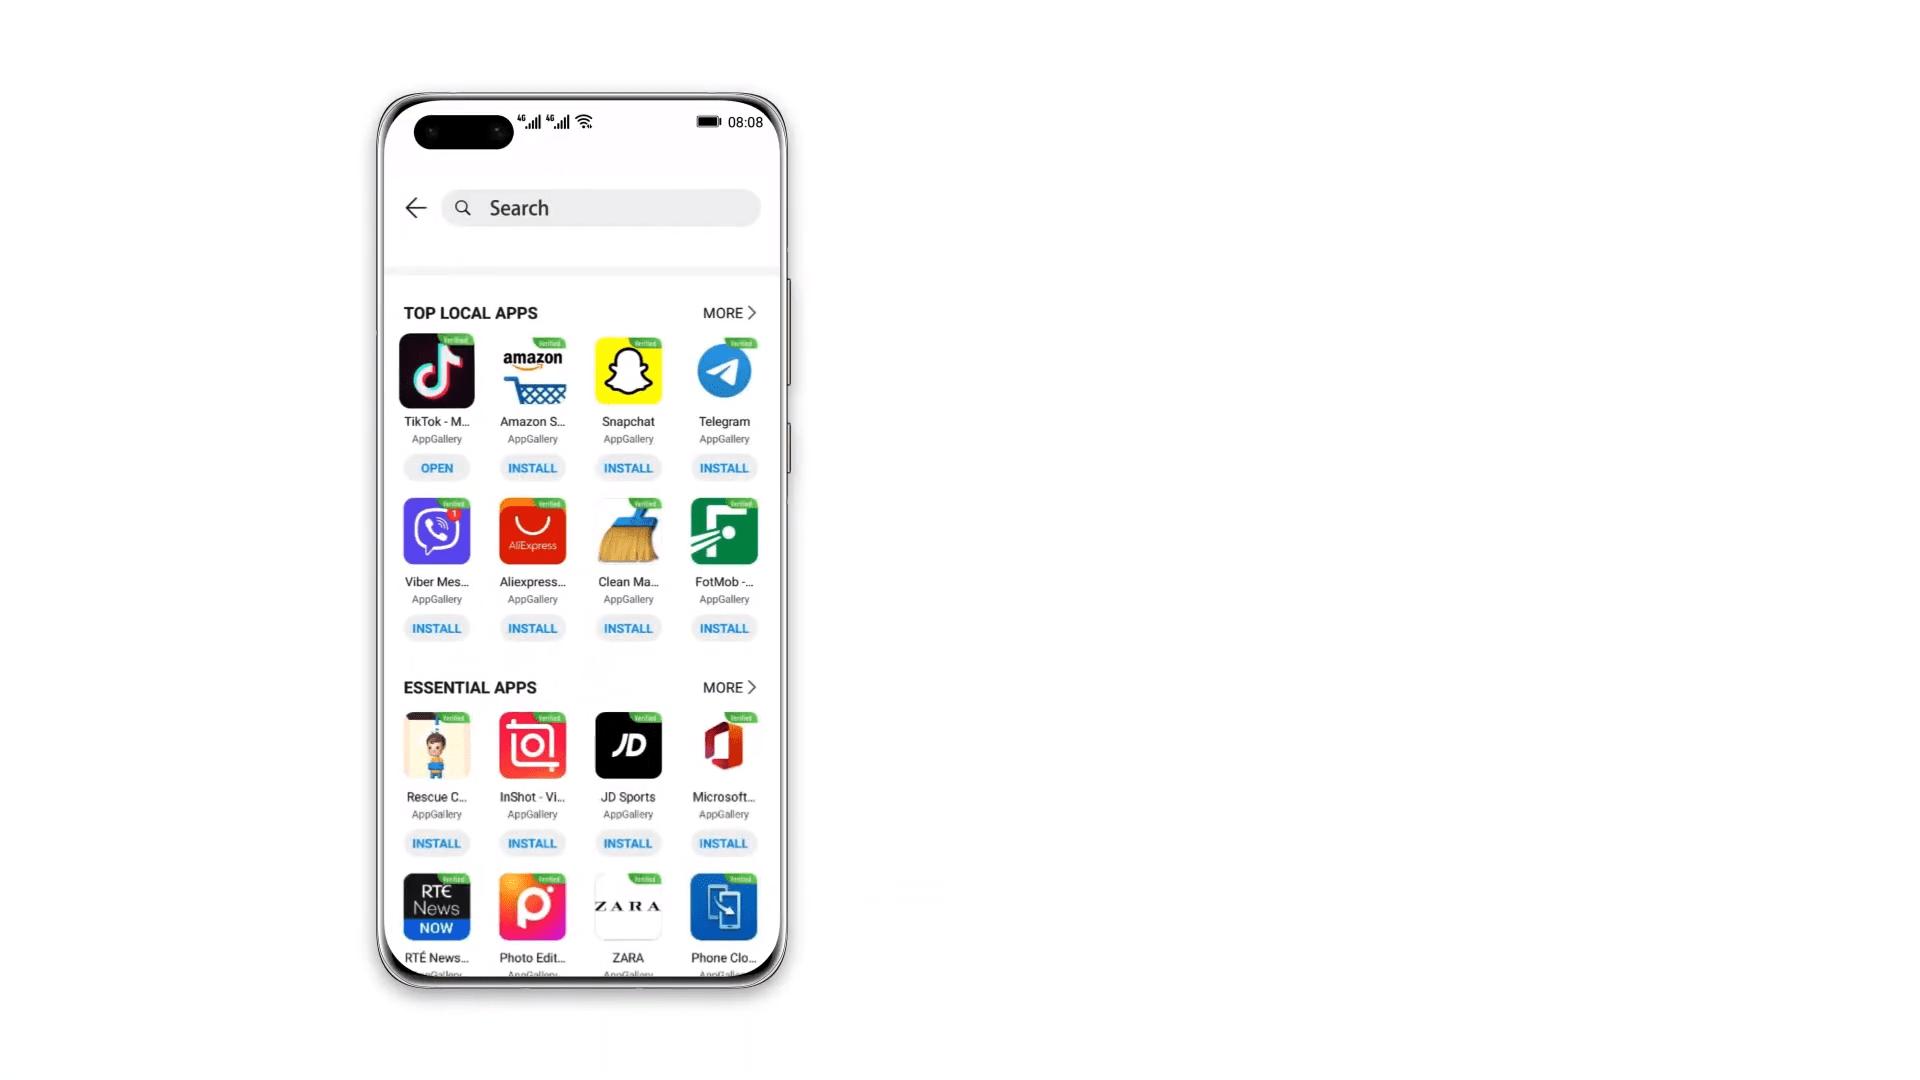 Petal Search Le Moteur De Recherche D Applis De Huawei S Enrichit Et Arrive Aussi Sur Tablette